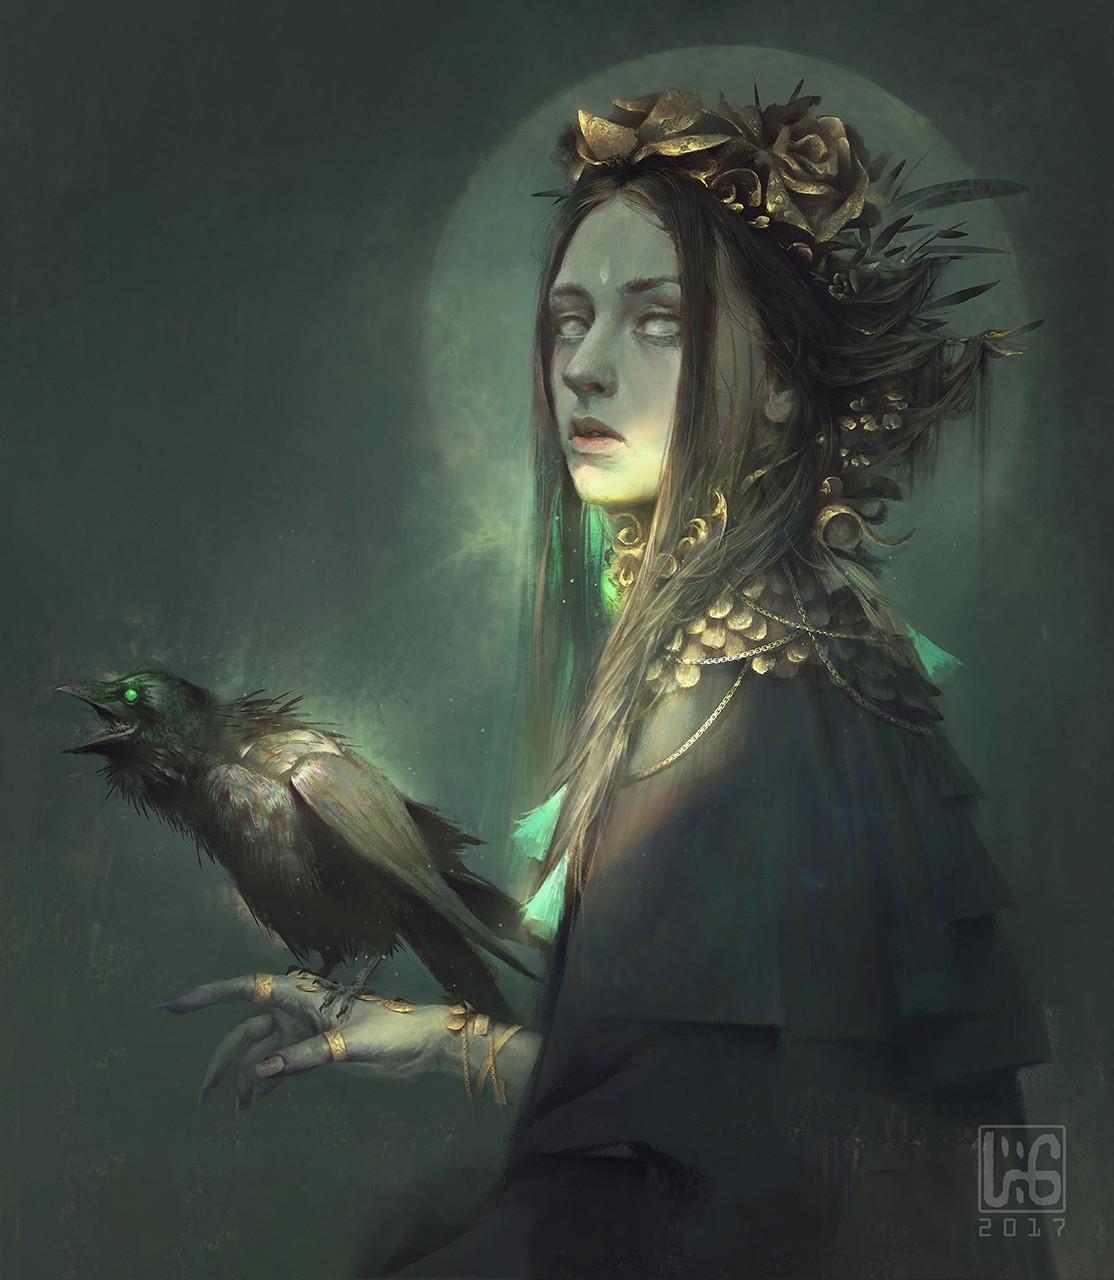 https://cdnb.artstation.com/p/assets/images/images/005/818/877/large/le-vuong-clairvoyance2p.jpg?1493977815